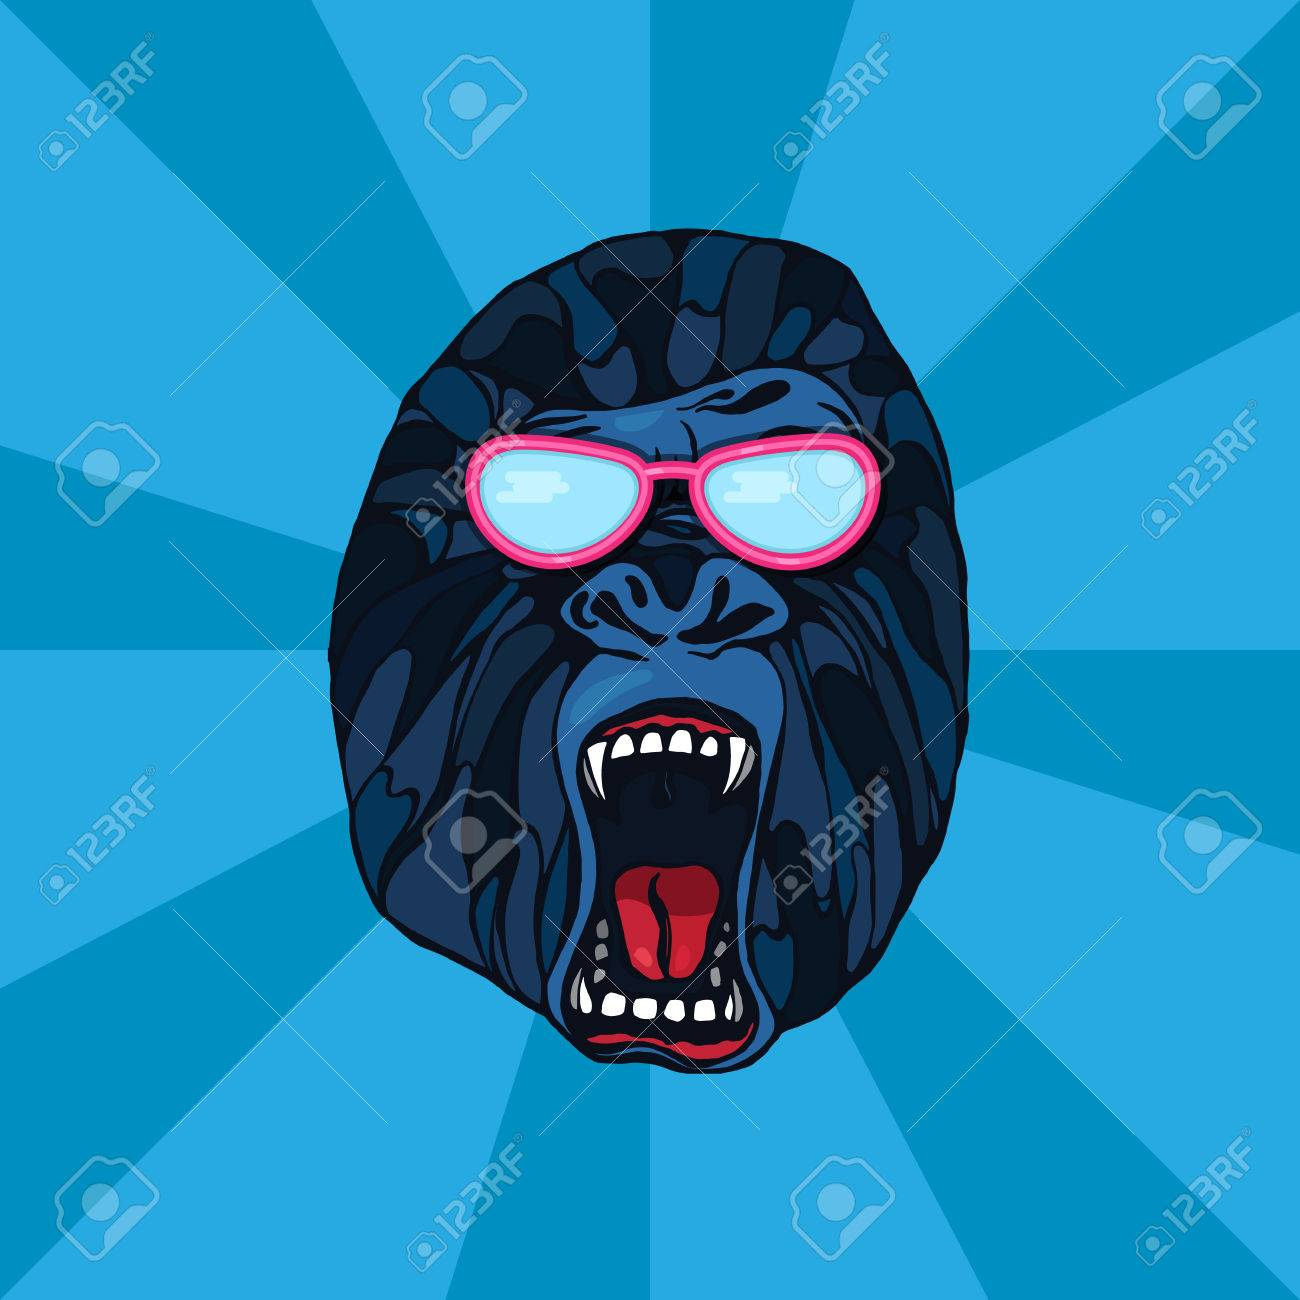 Foto de archivo - Gruñendo gorila detallan en estilo de dibujos animados  con gafas. Diseño de la camiseta b97d6f0a16252